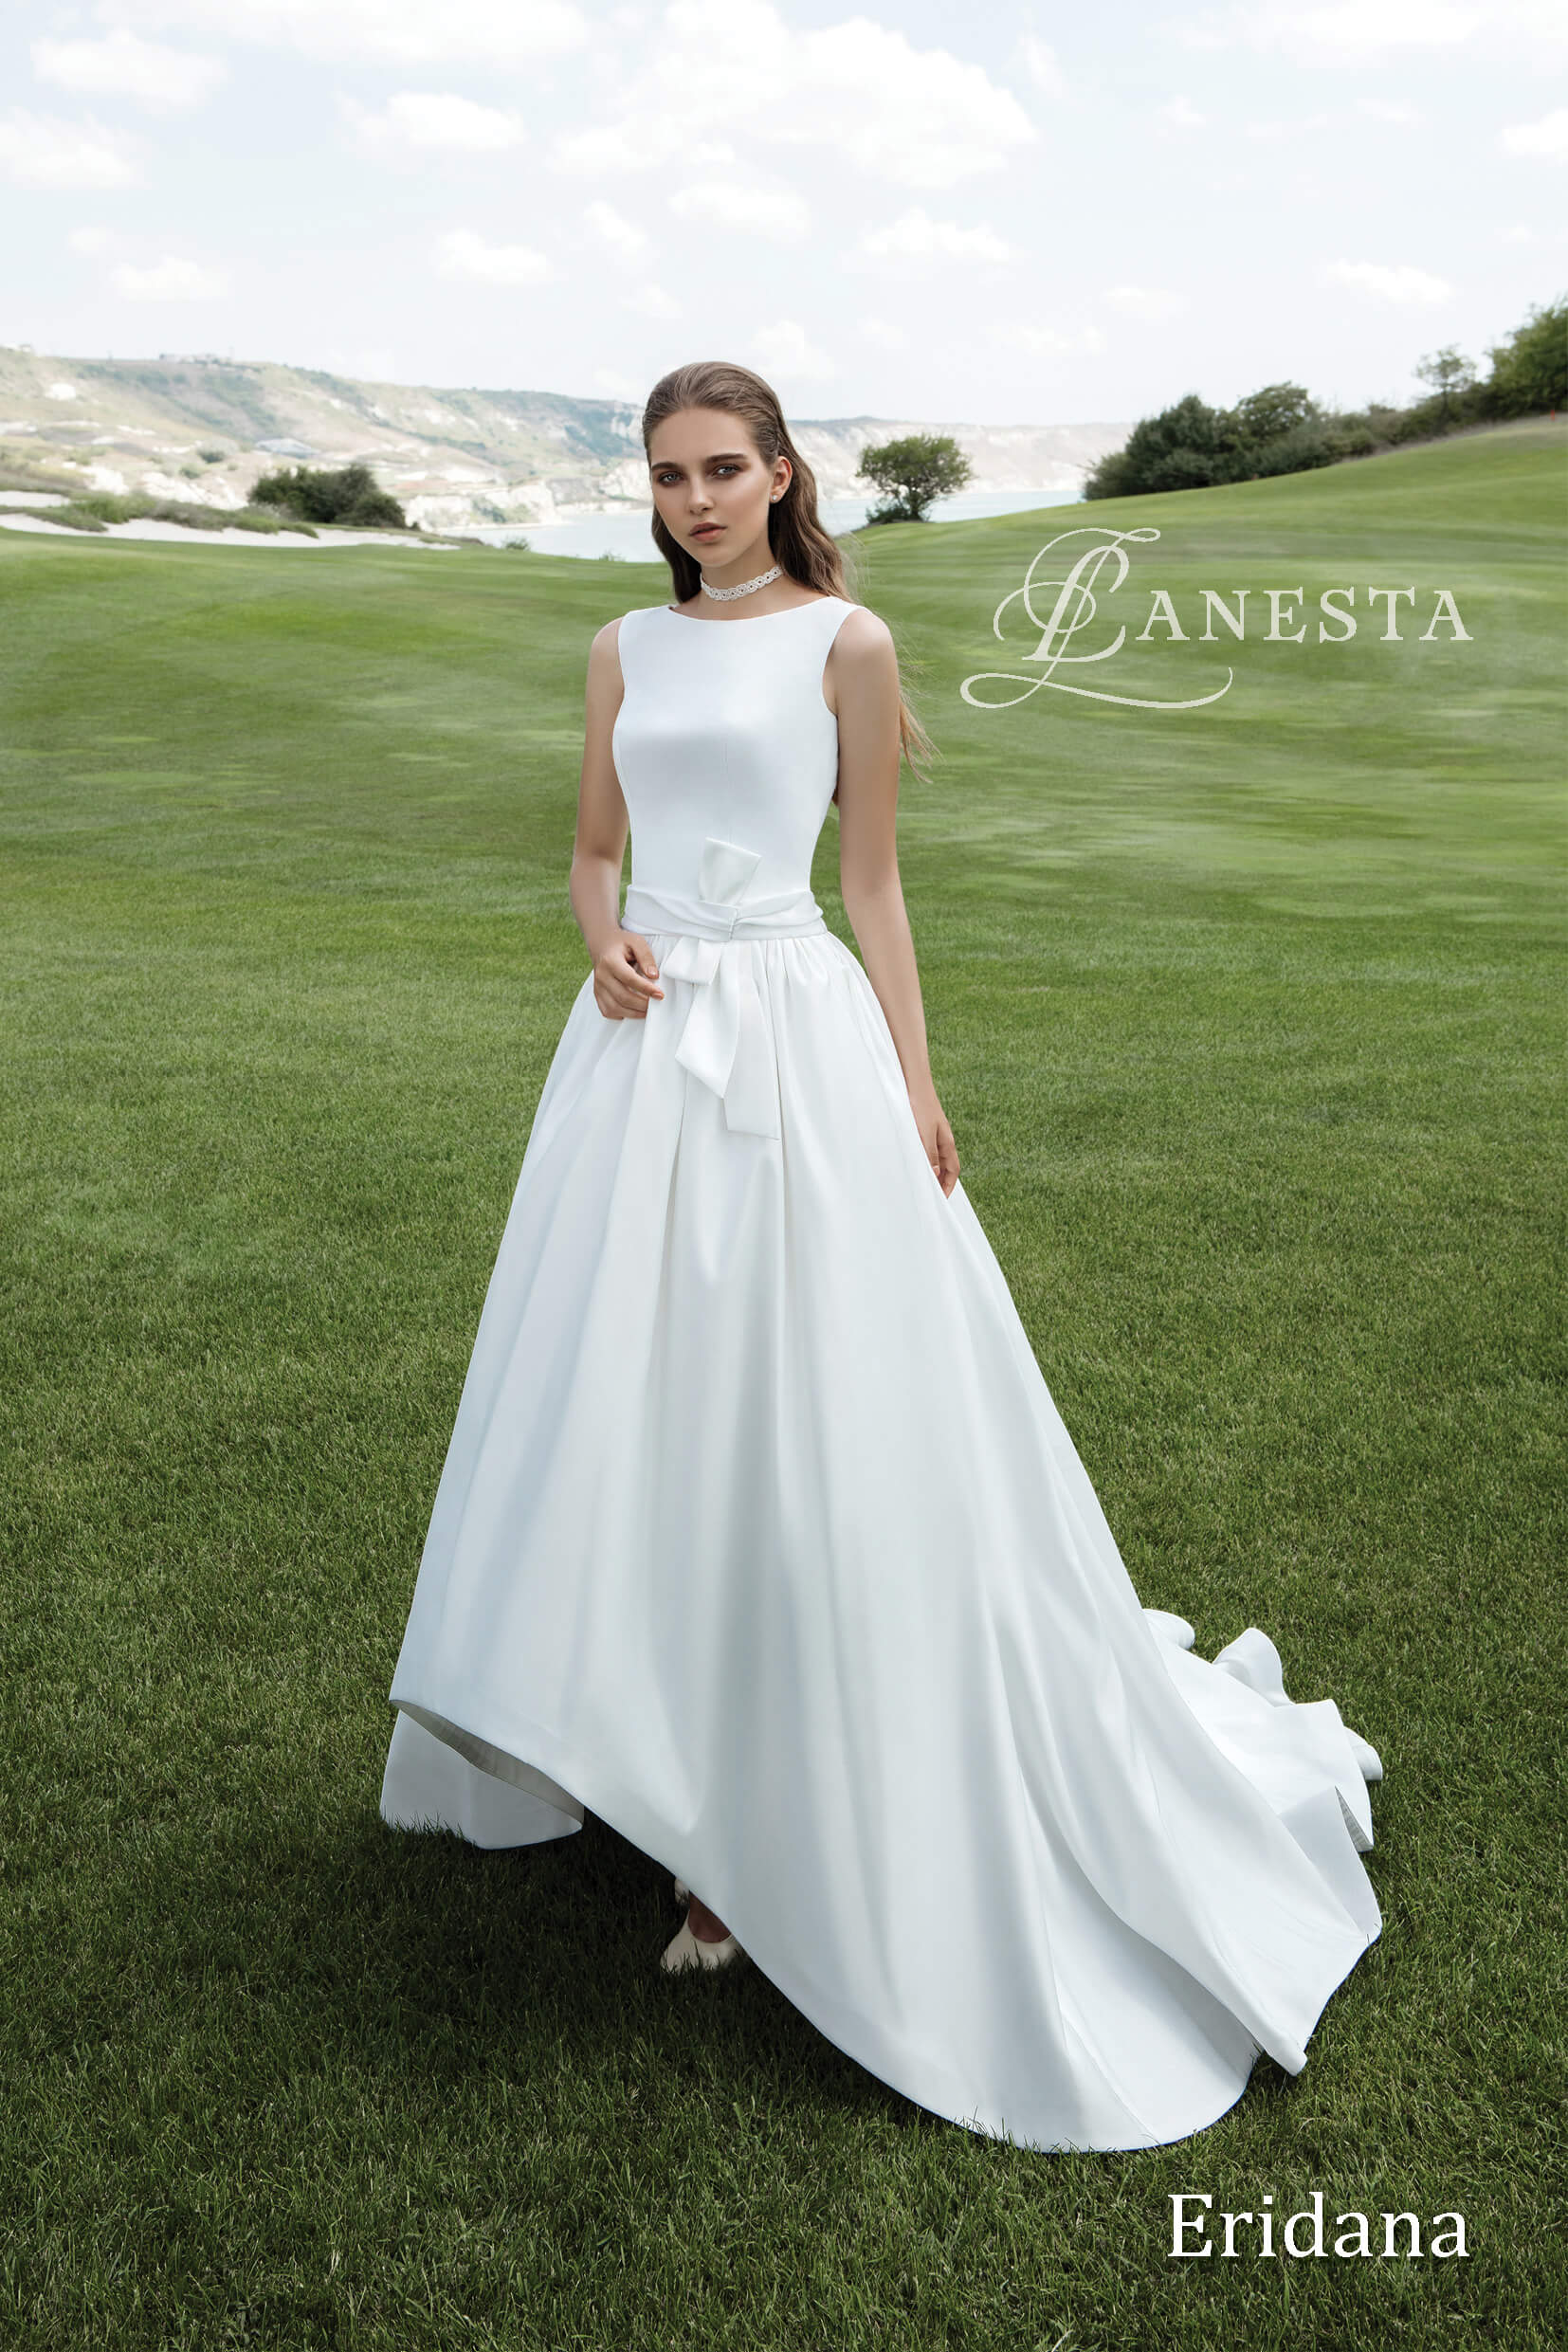 Свадебное платье Eridana Lanesta